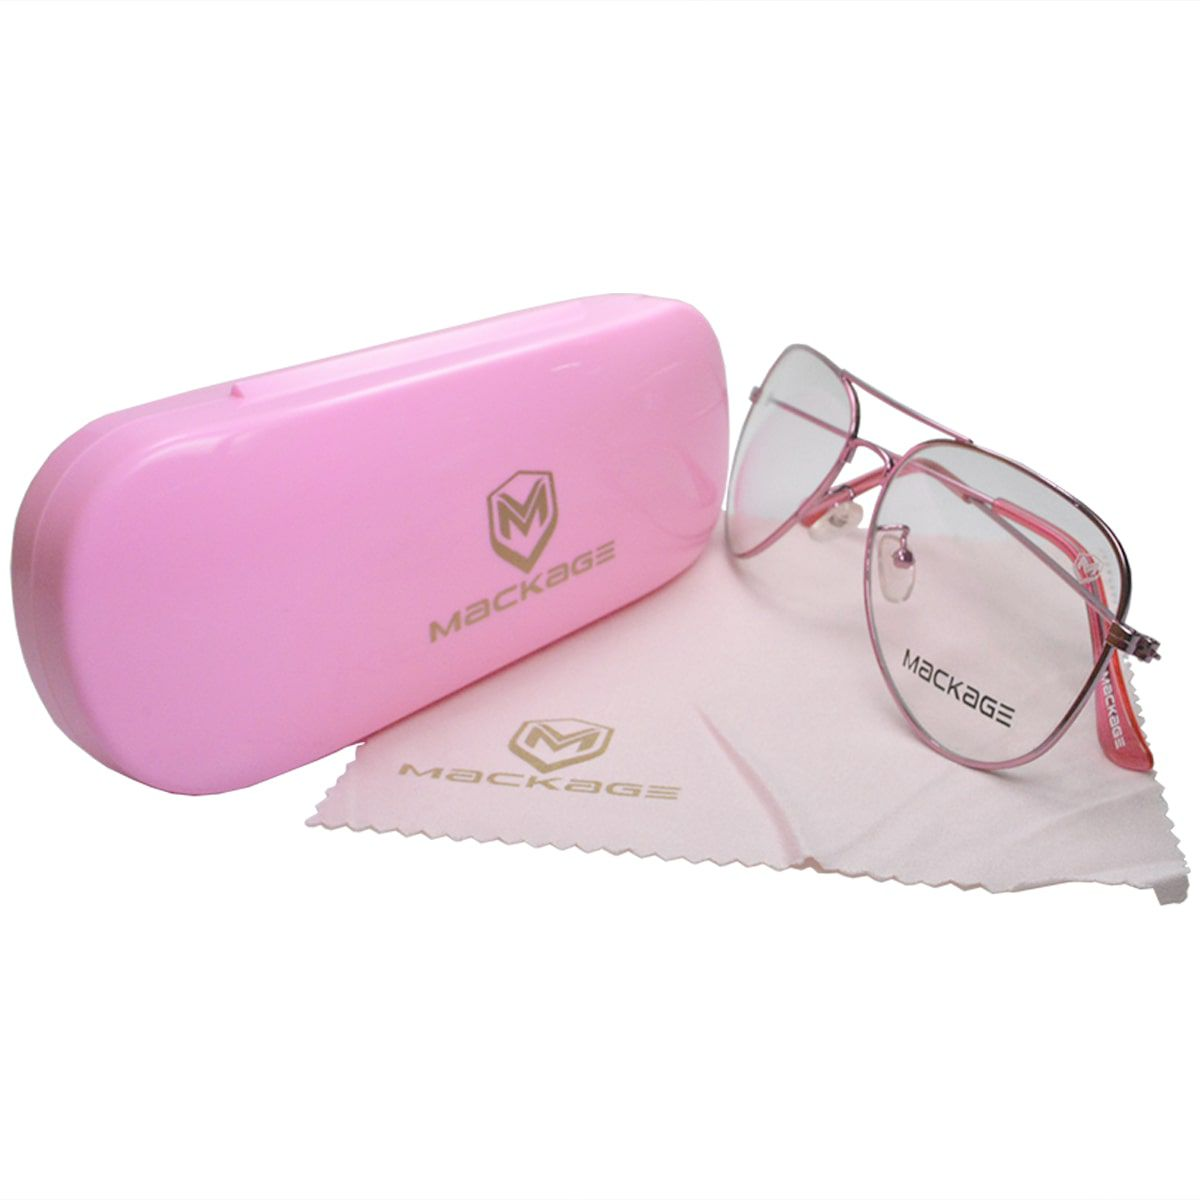 Armação Para Óculos De Grau com Estojo Edição LTDA - Mackage MKAVIATR Rosa